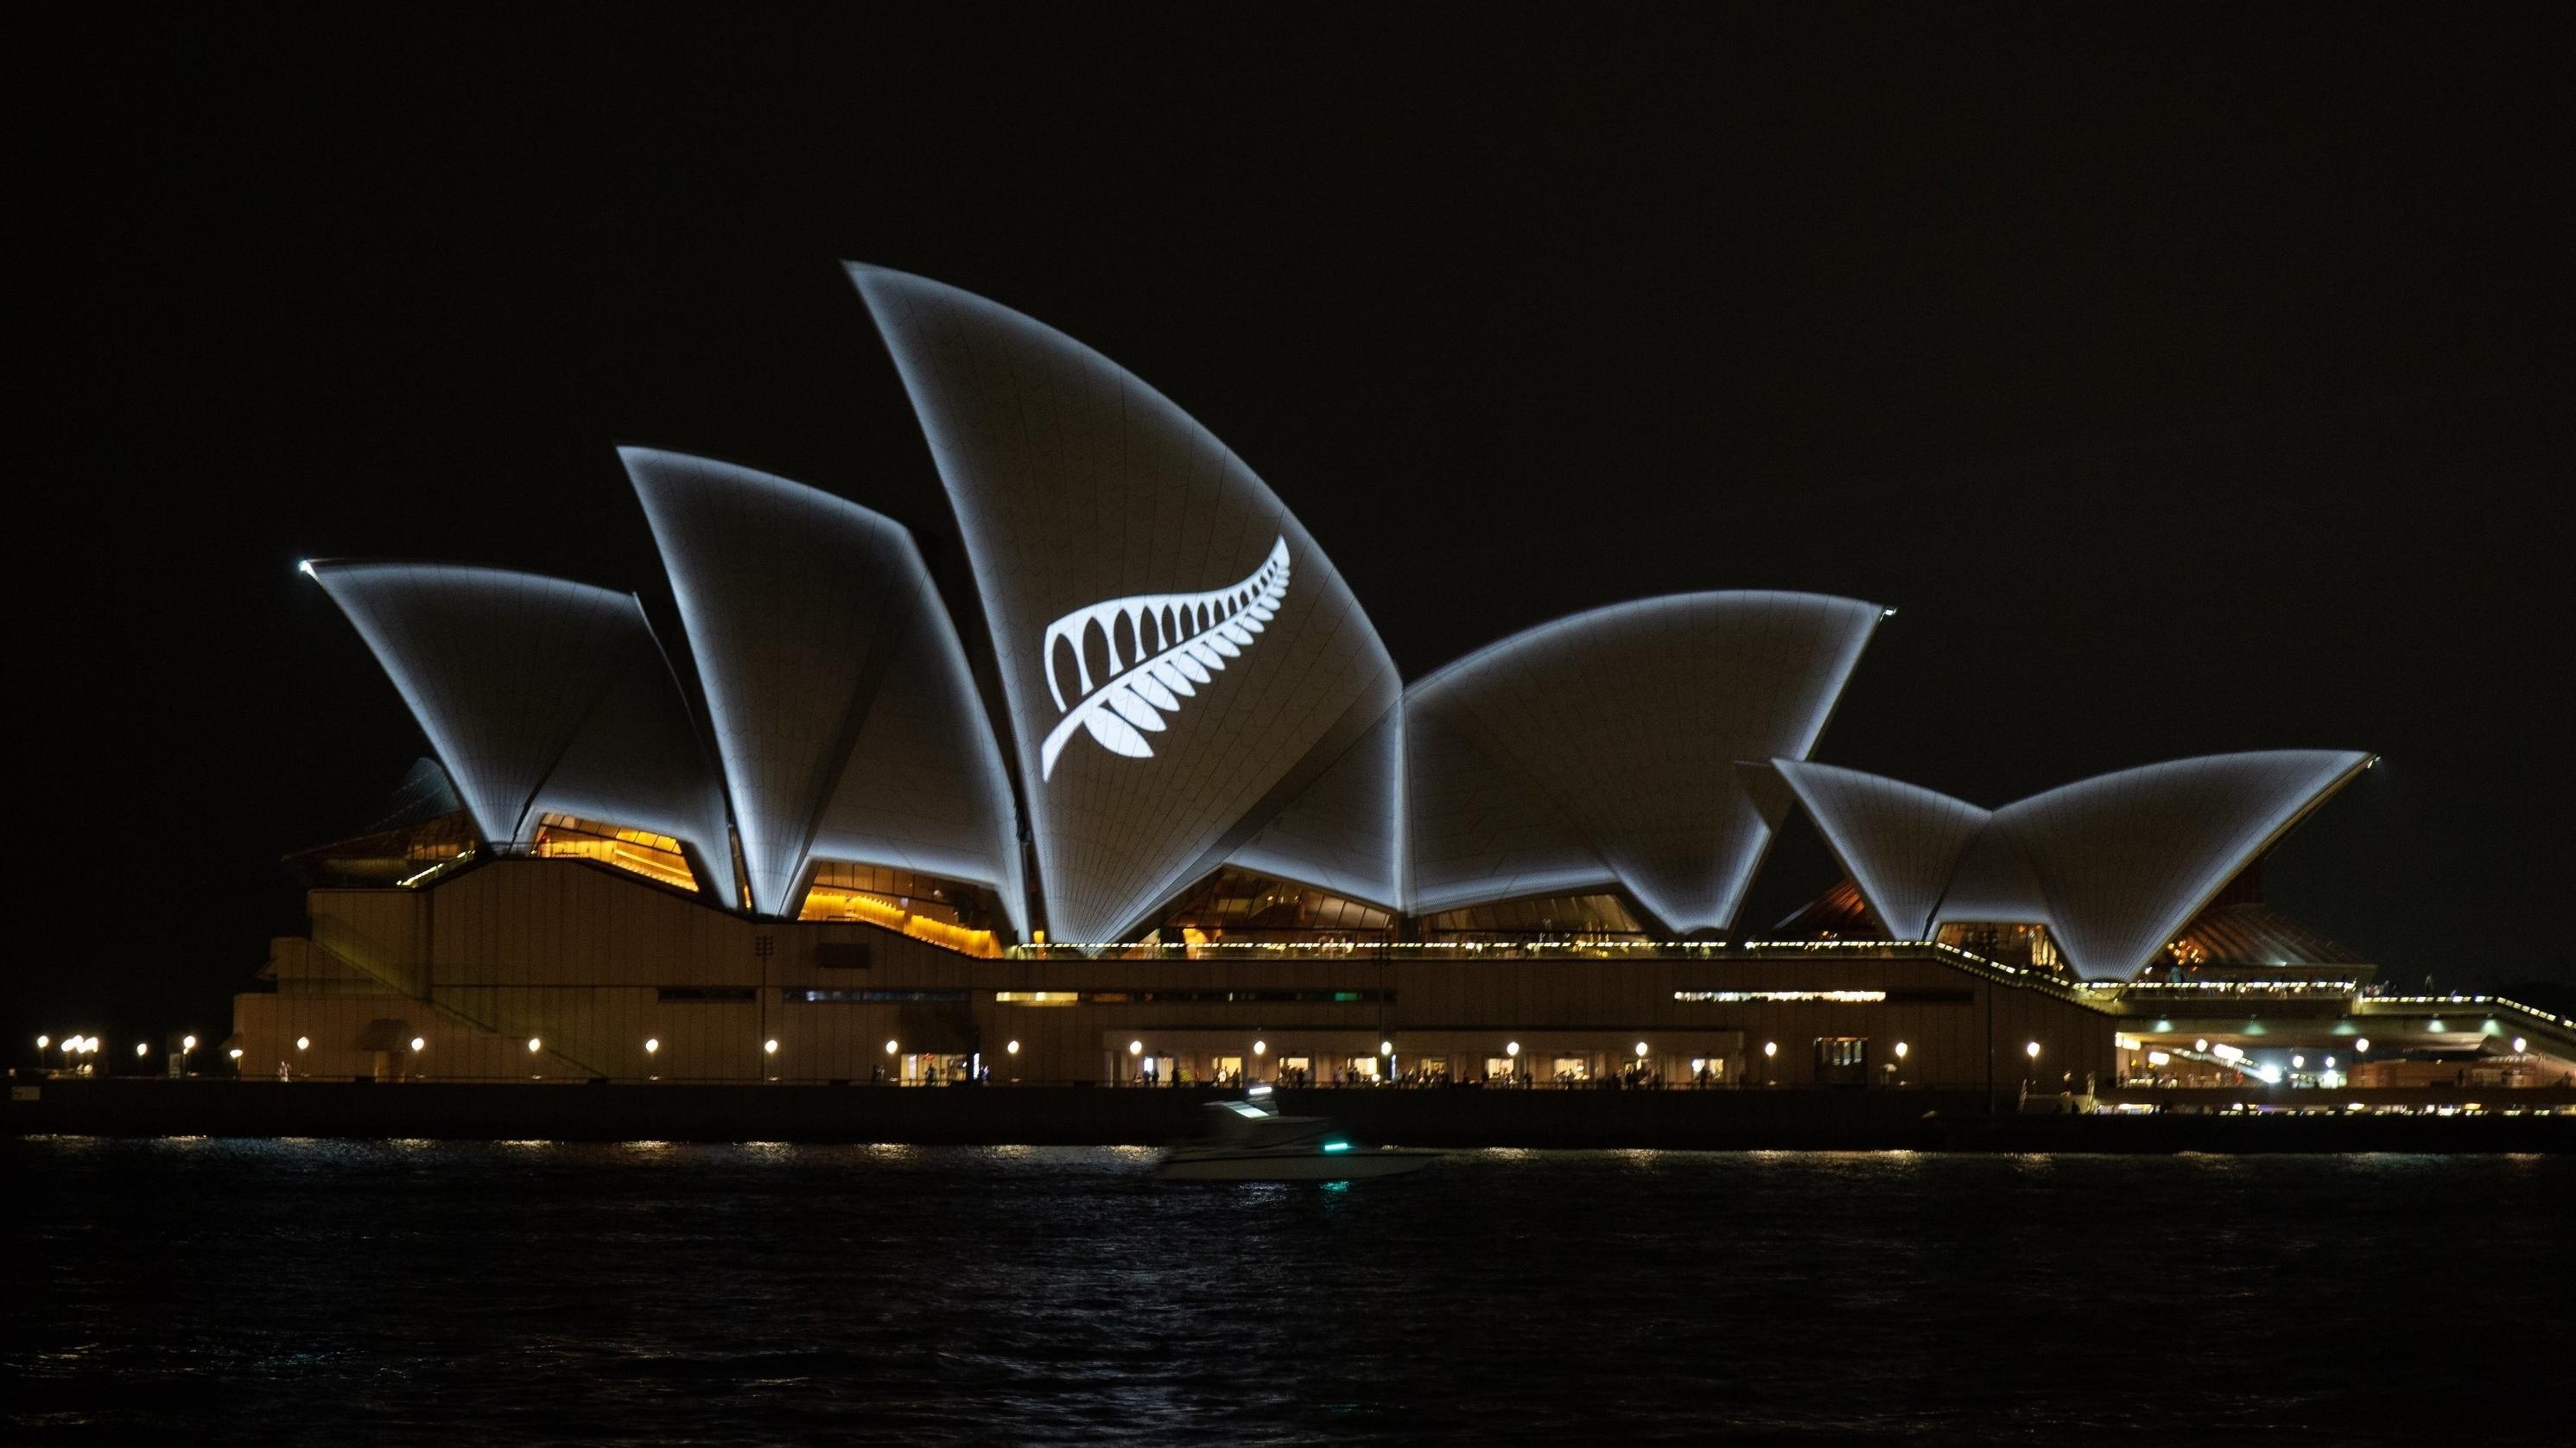 Australien, das Herkunftsland des Attentäters, hat die Oper Sydney mit einem Silberfarn illuminiert - der Nationalpflanze Neuseelands.